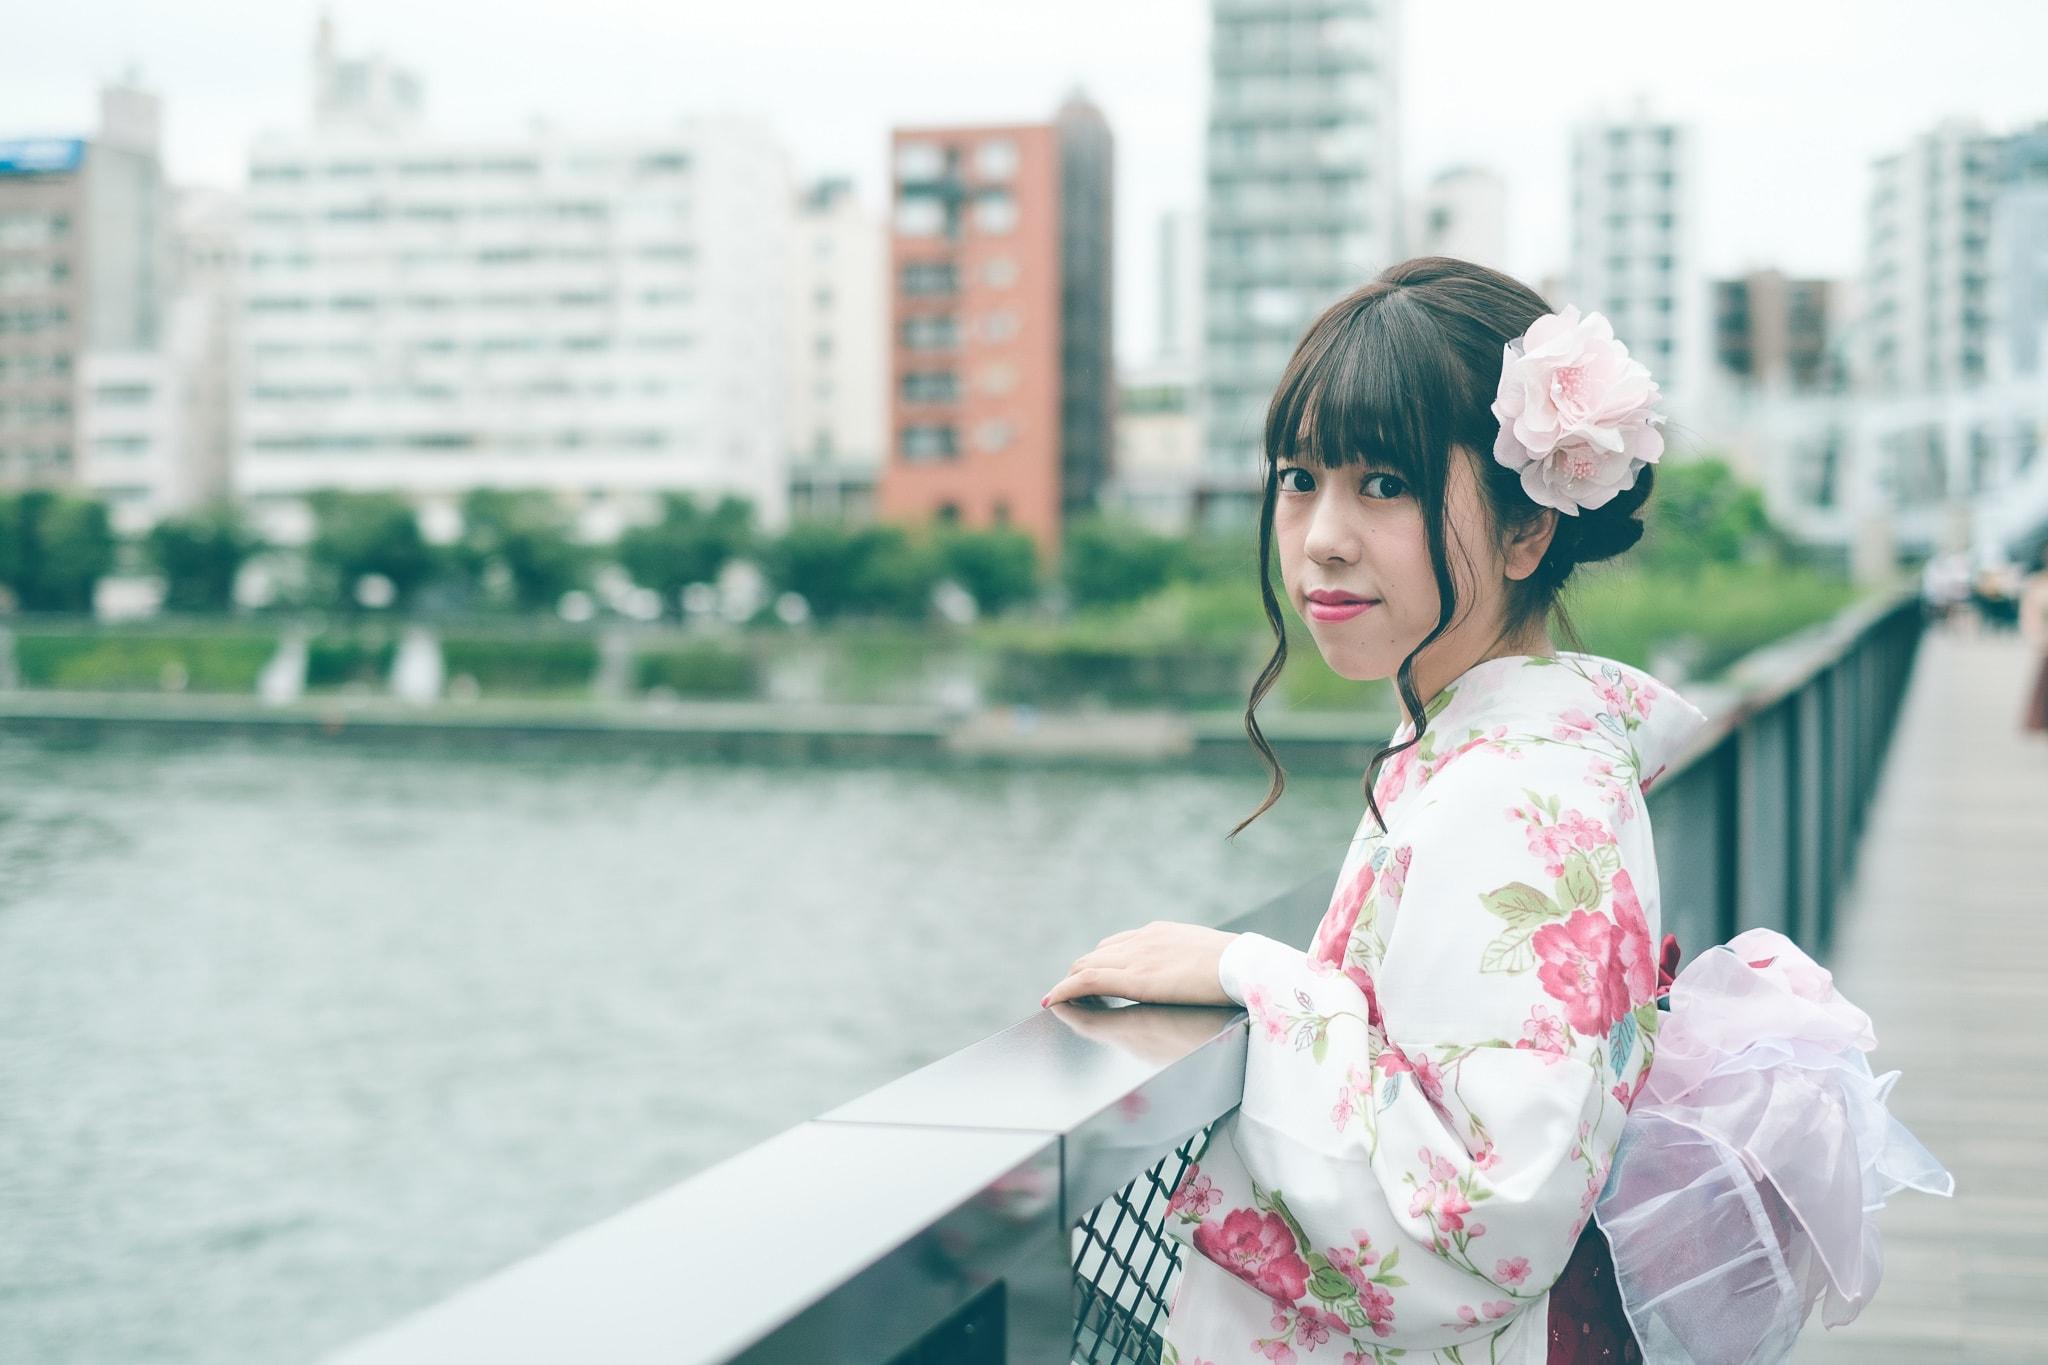 【写真作例】フィルム風!夏の終わりの浅草浴衣ポートレート(富士フイルム)